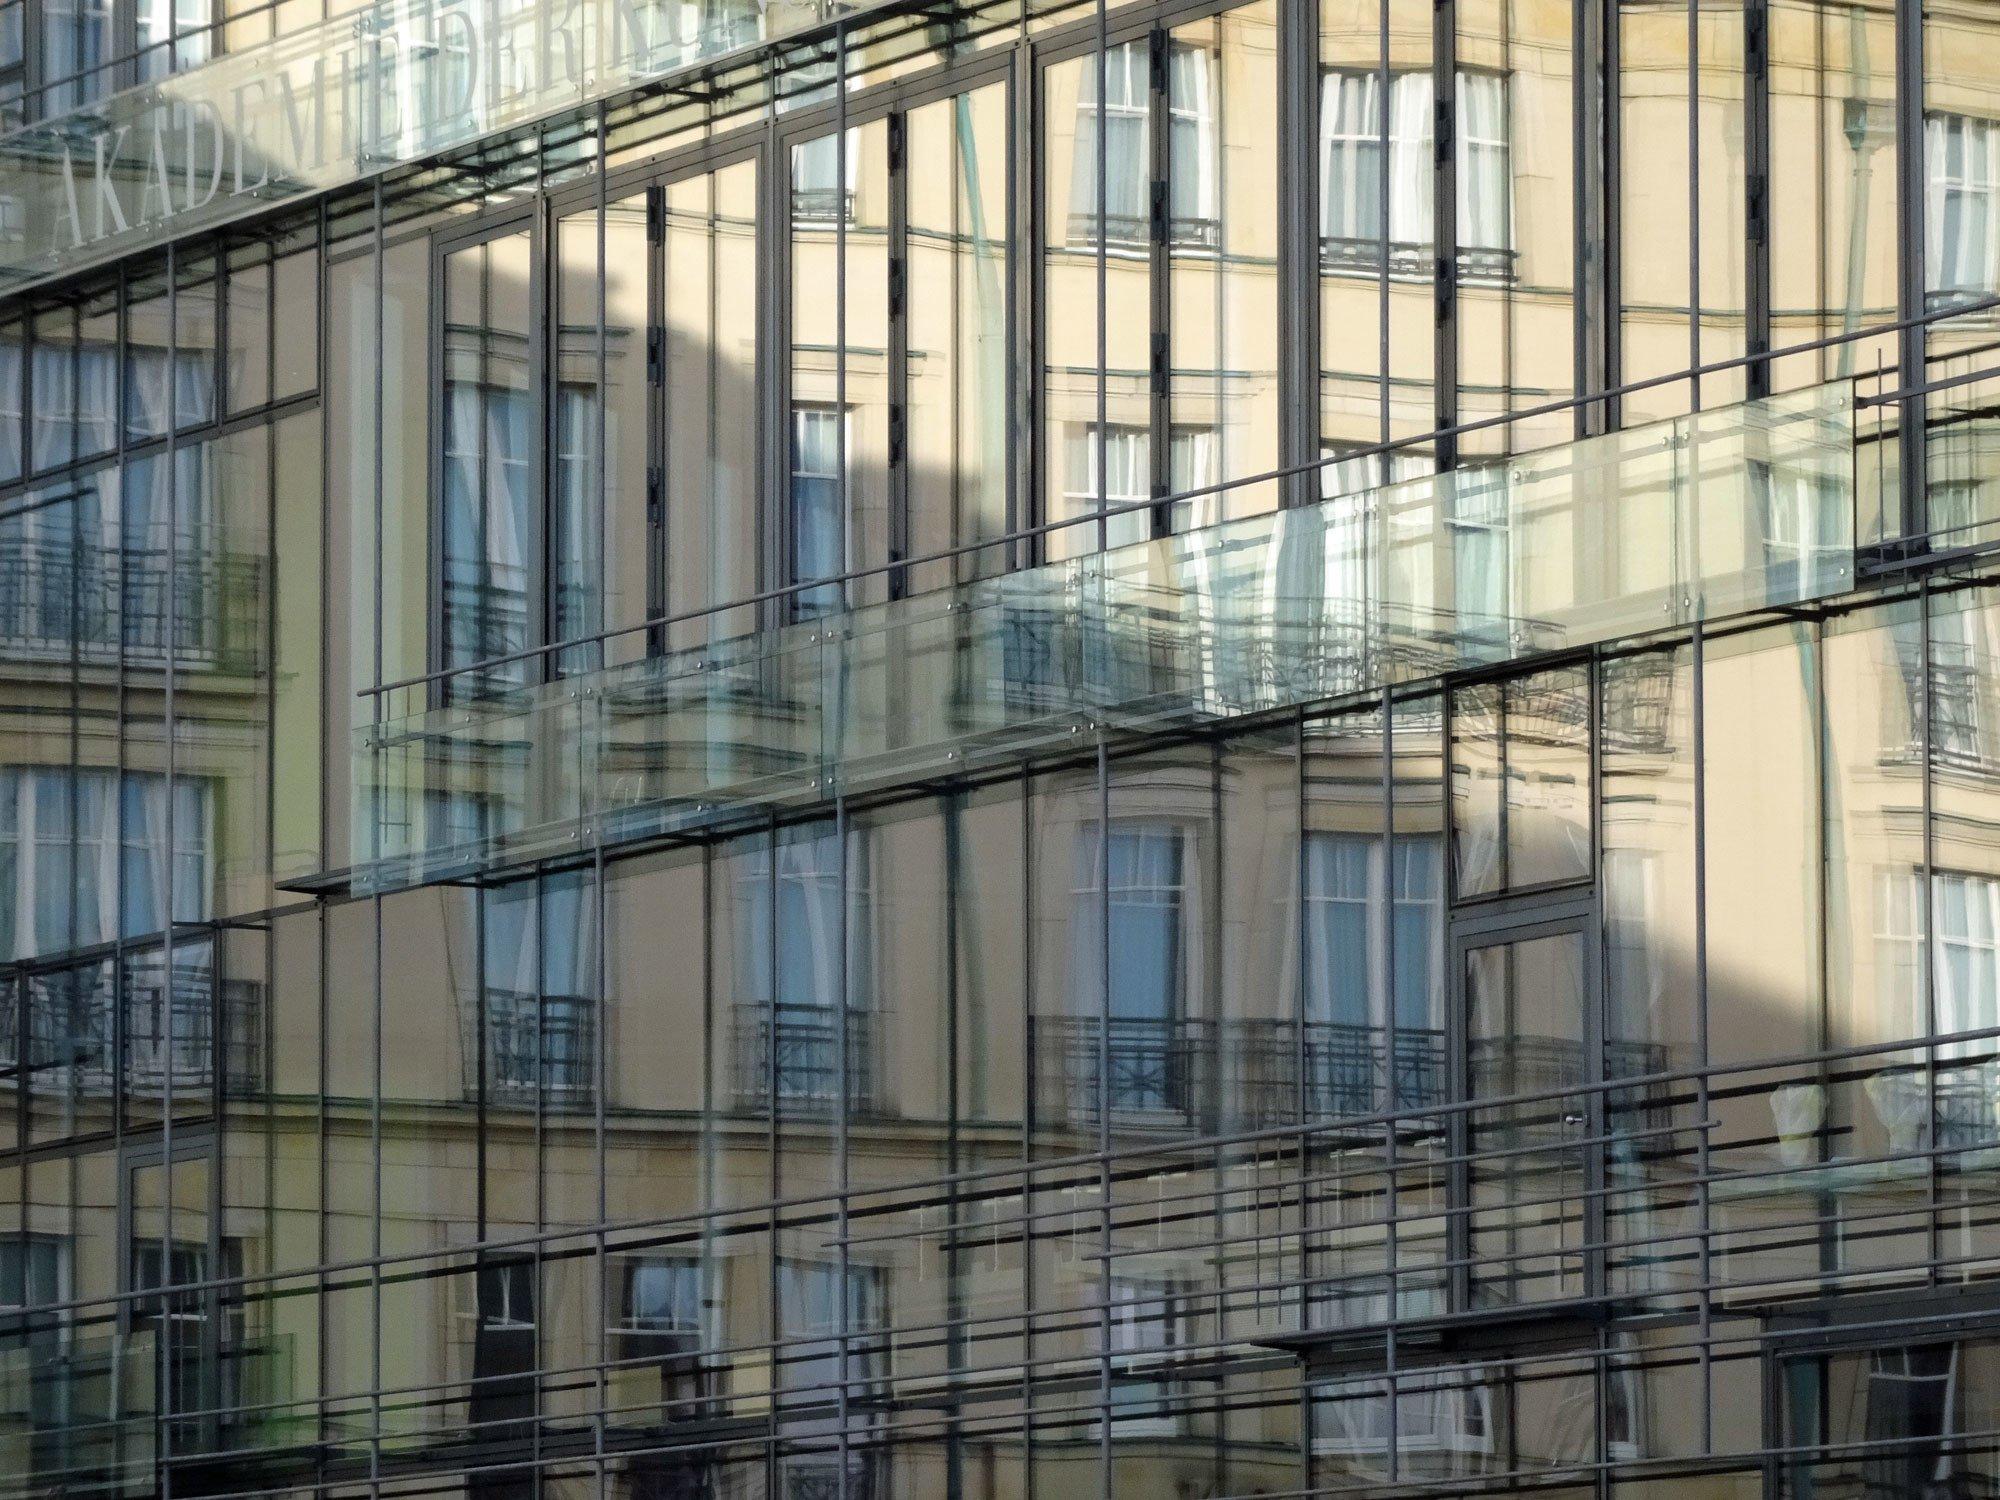 Pfosten riegel fassaden glas vertikale glaselemente - Skelettbau architektur ...